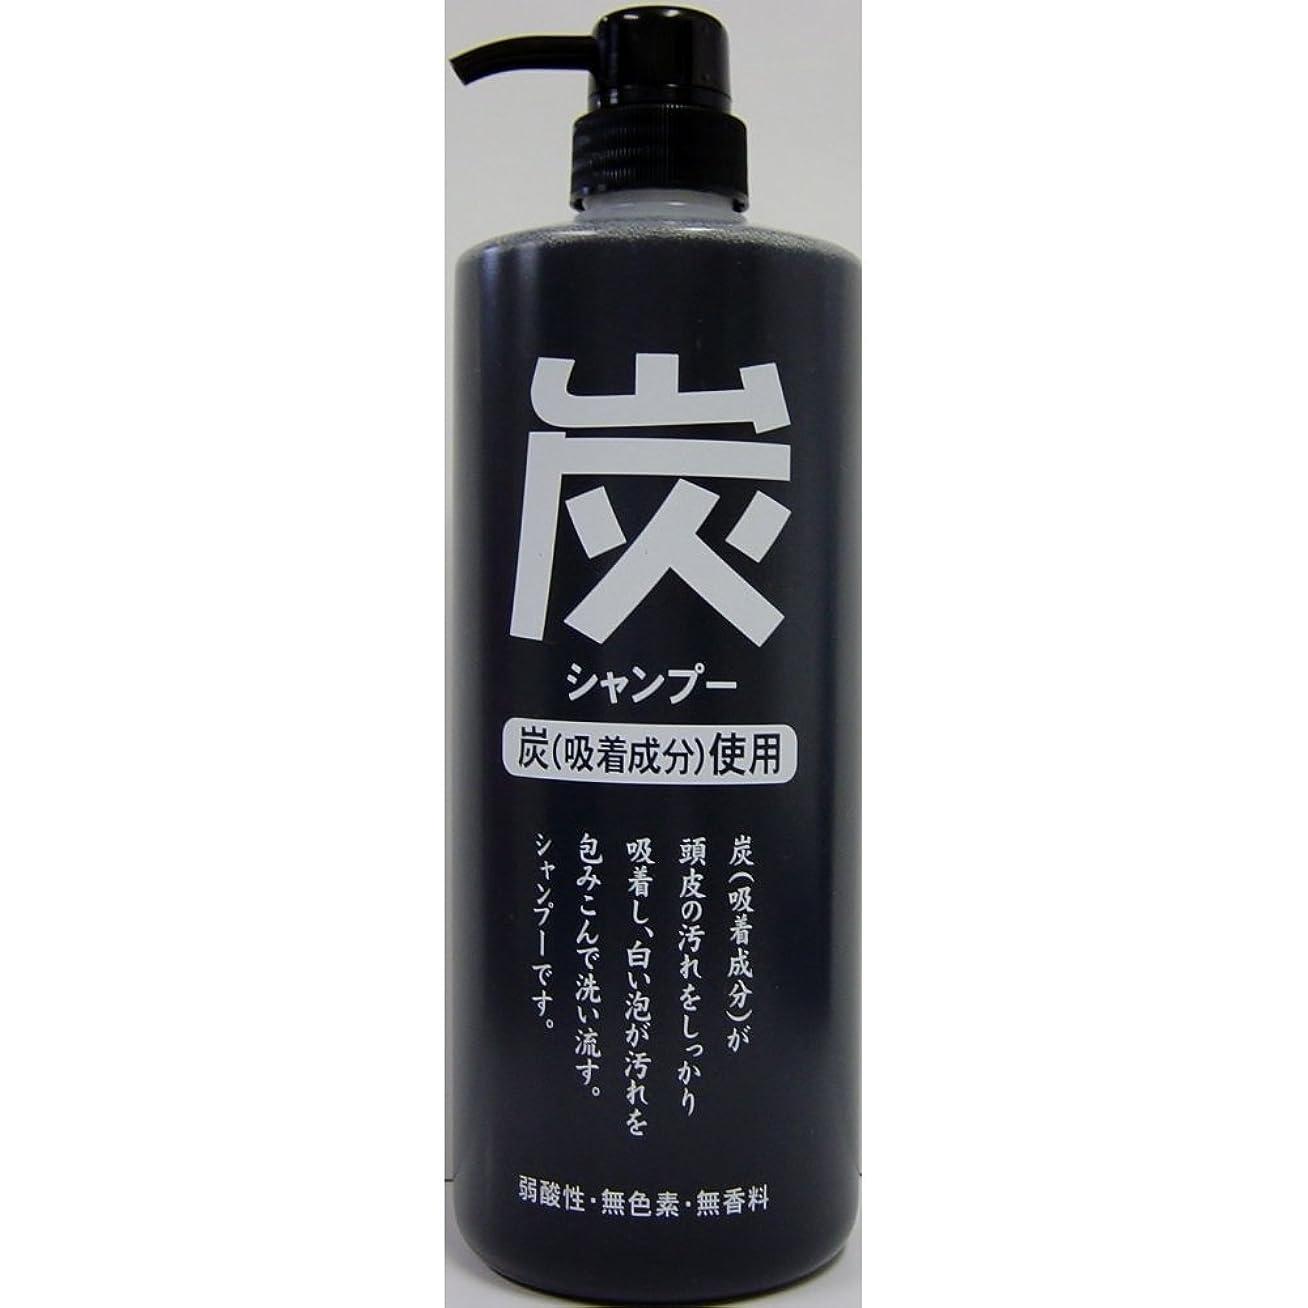 感覚ホステルアラブ炭シャンプー 1000ml